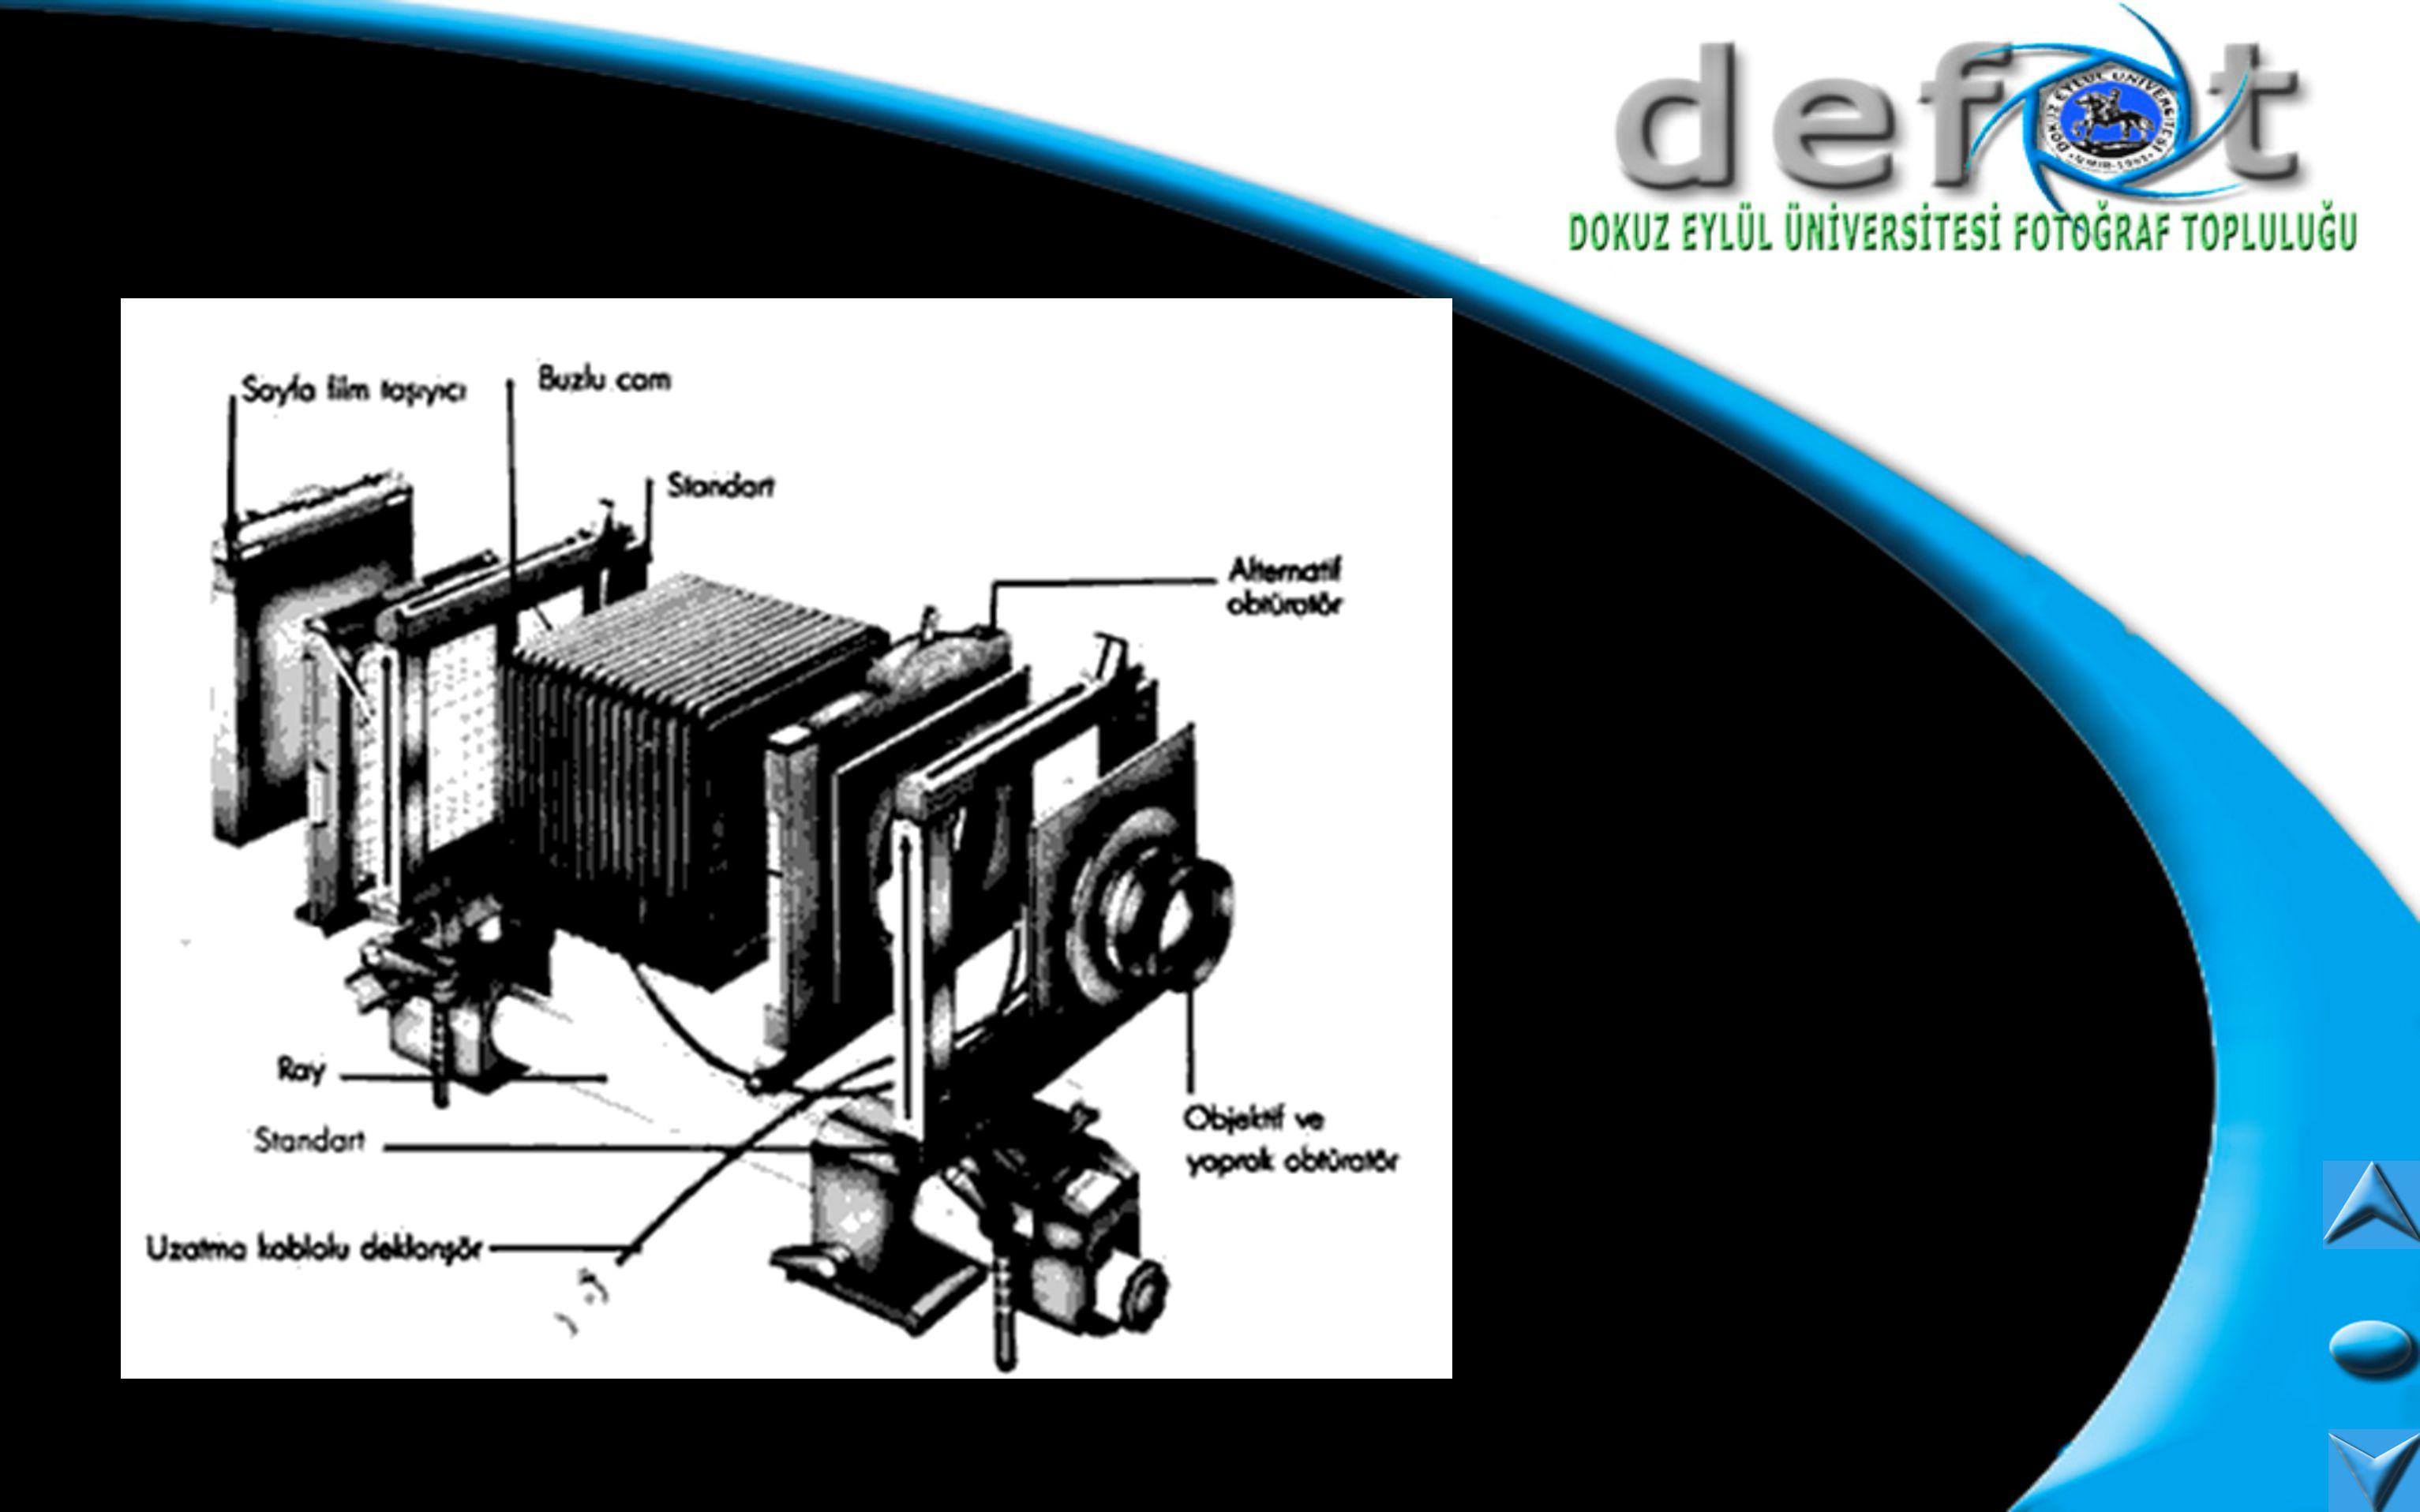 Merkez Örtücüler Mekanik olarak tetikleyen yaylı yapraklar, objektiften bağımsız gören kameralarda bulunur.